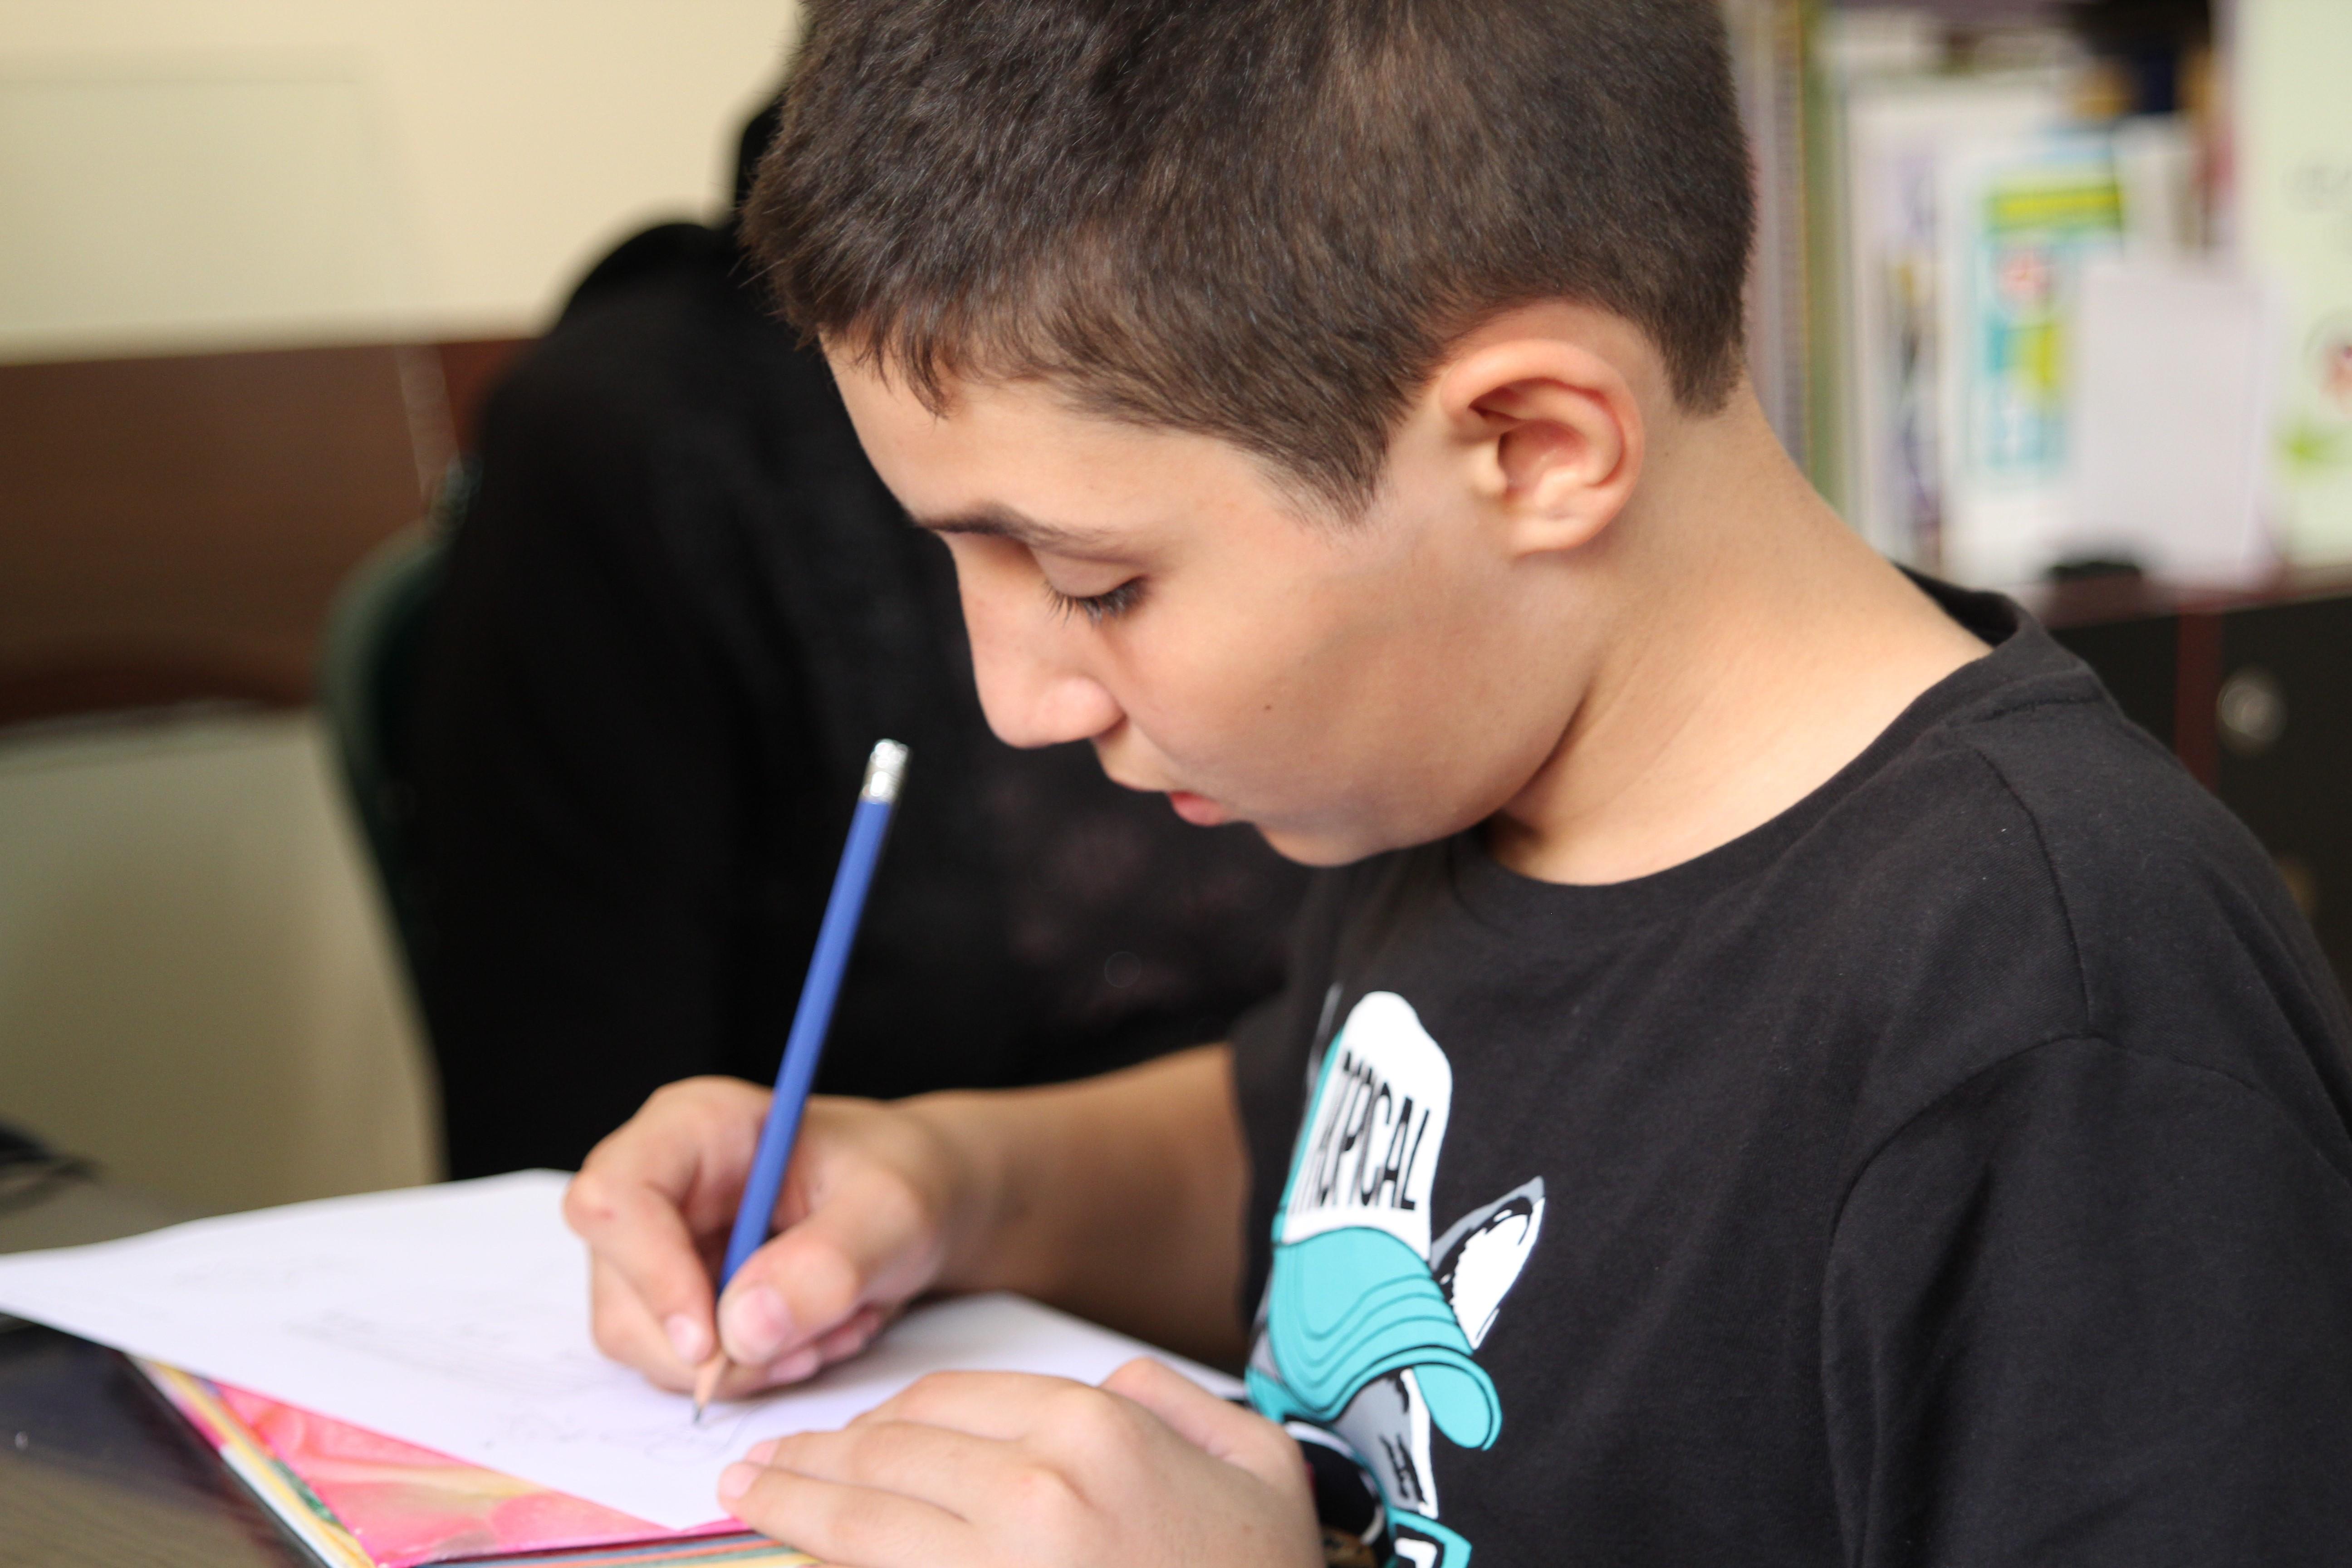 poika kirjoittaa kirjettä